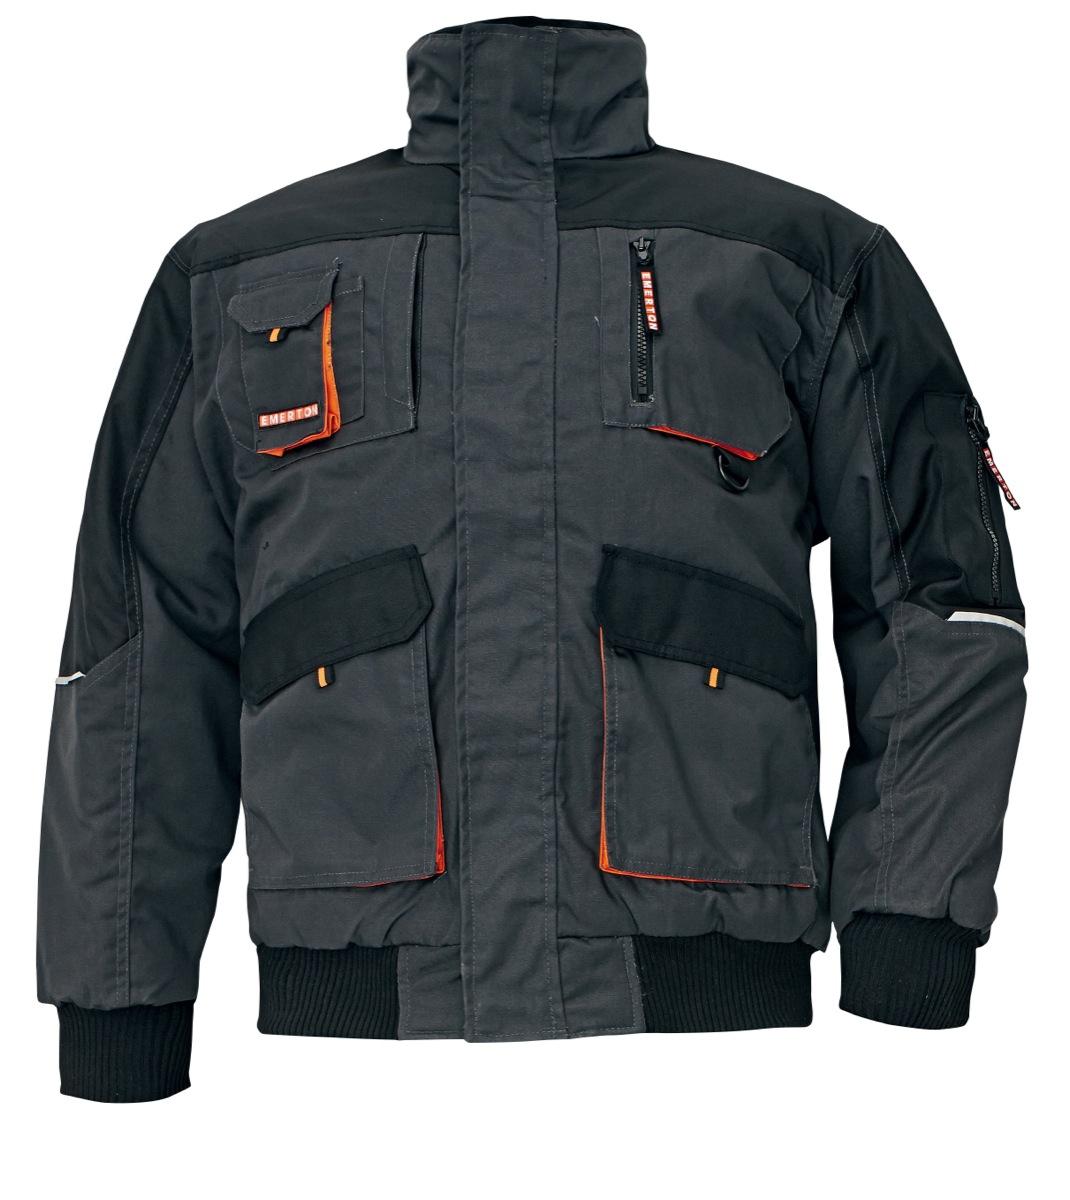 Zateplená bunda EMERTON PILOT černá